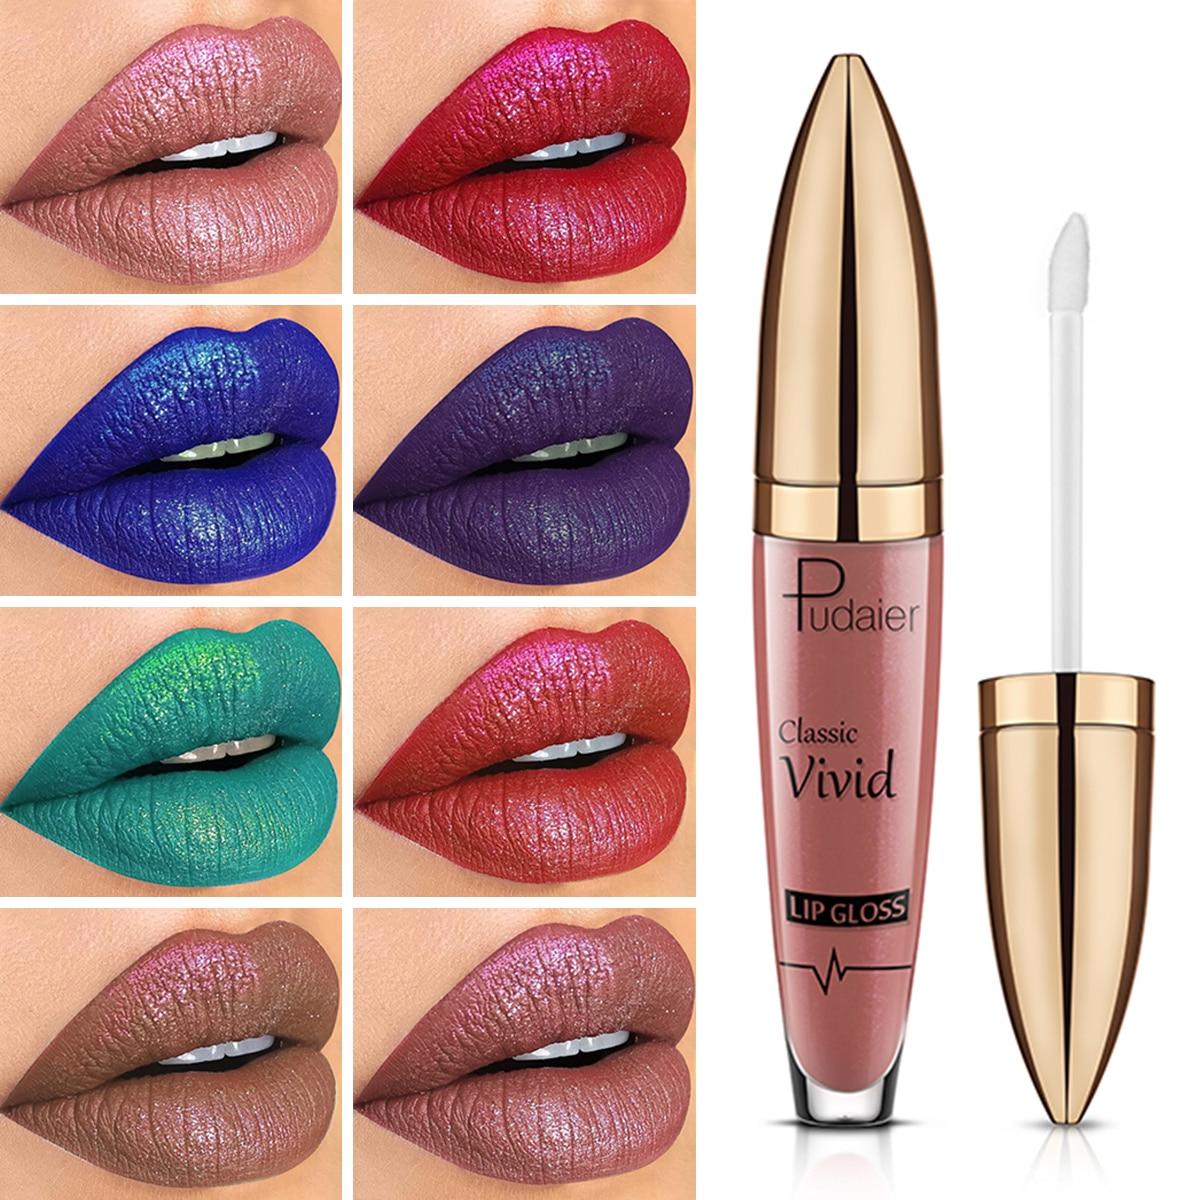 Pudaier 18 colores de brillo diamante líquido lápiz labial conjunto maquillaje Nude brillante barra de labios resistente al agua mucho brillo de labios duradero cosméticos